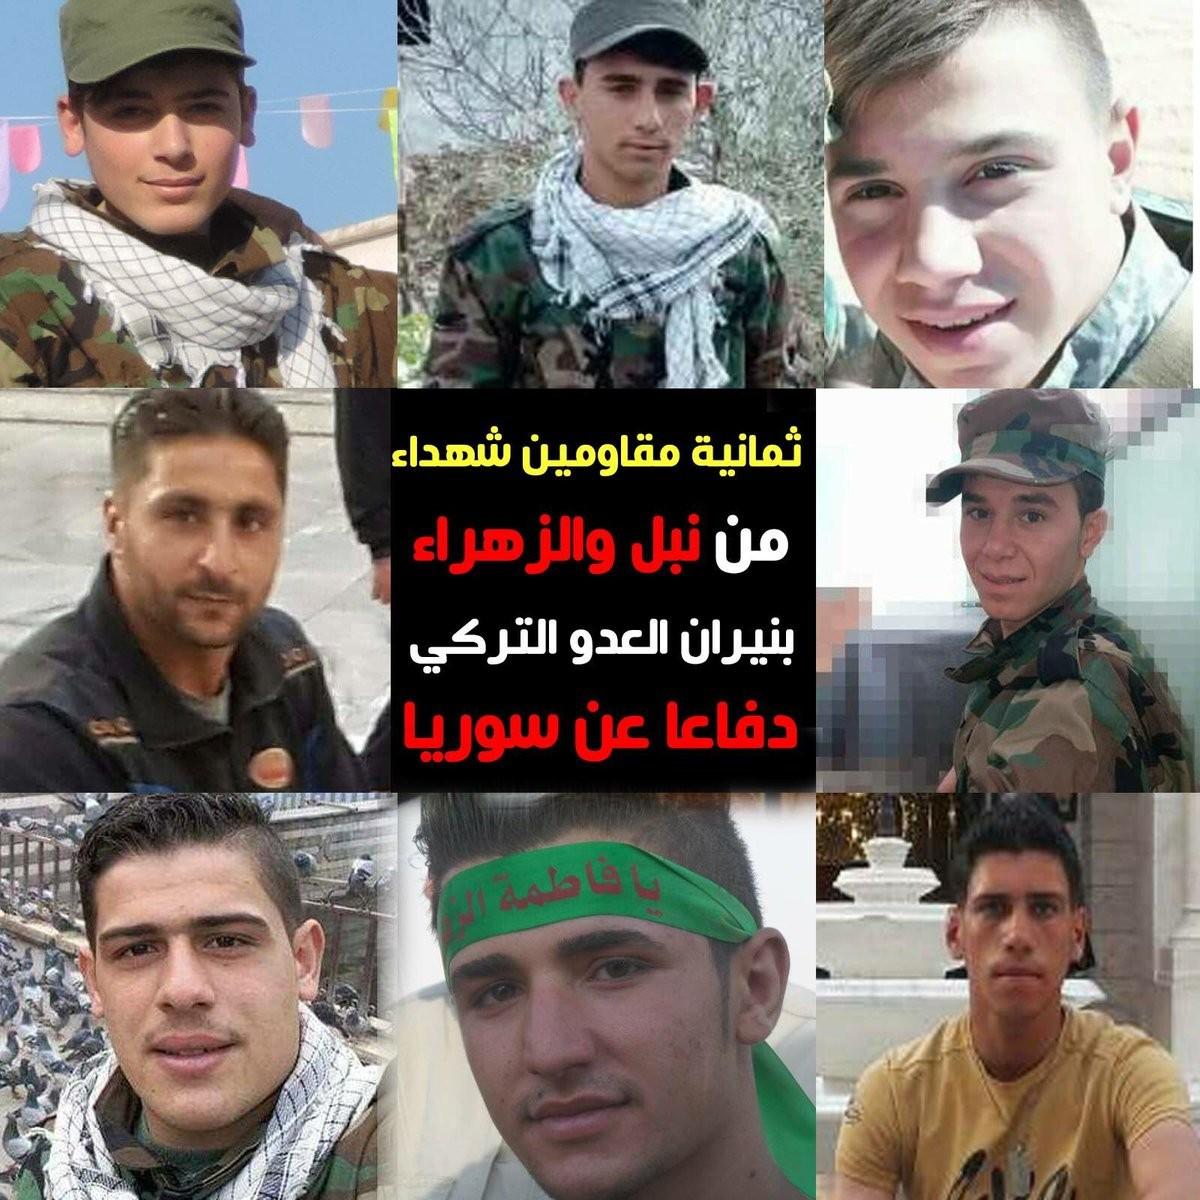 6 Mart'ta terör örgütü PKK'ya yardım için Raco bölgesine gelen İran destekli Şii milisler Türk Silahlı Kuvvetleri bombardımanında öldürülmüştü.Geçtiğimiz günlerde Halep'te gömülen teröristlerin kimlikleri belli oldu.Esed rejimine bağlı Şii Milisler Mehmetçik tarafından Afrin'de öldürülen milislerin fotoğraflarını yayınladı.